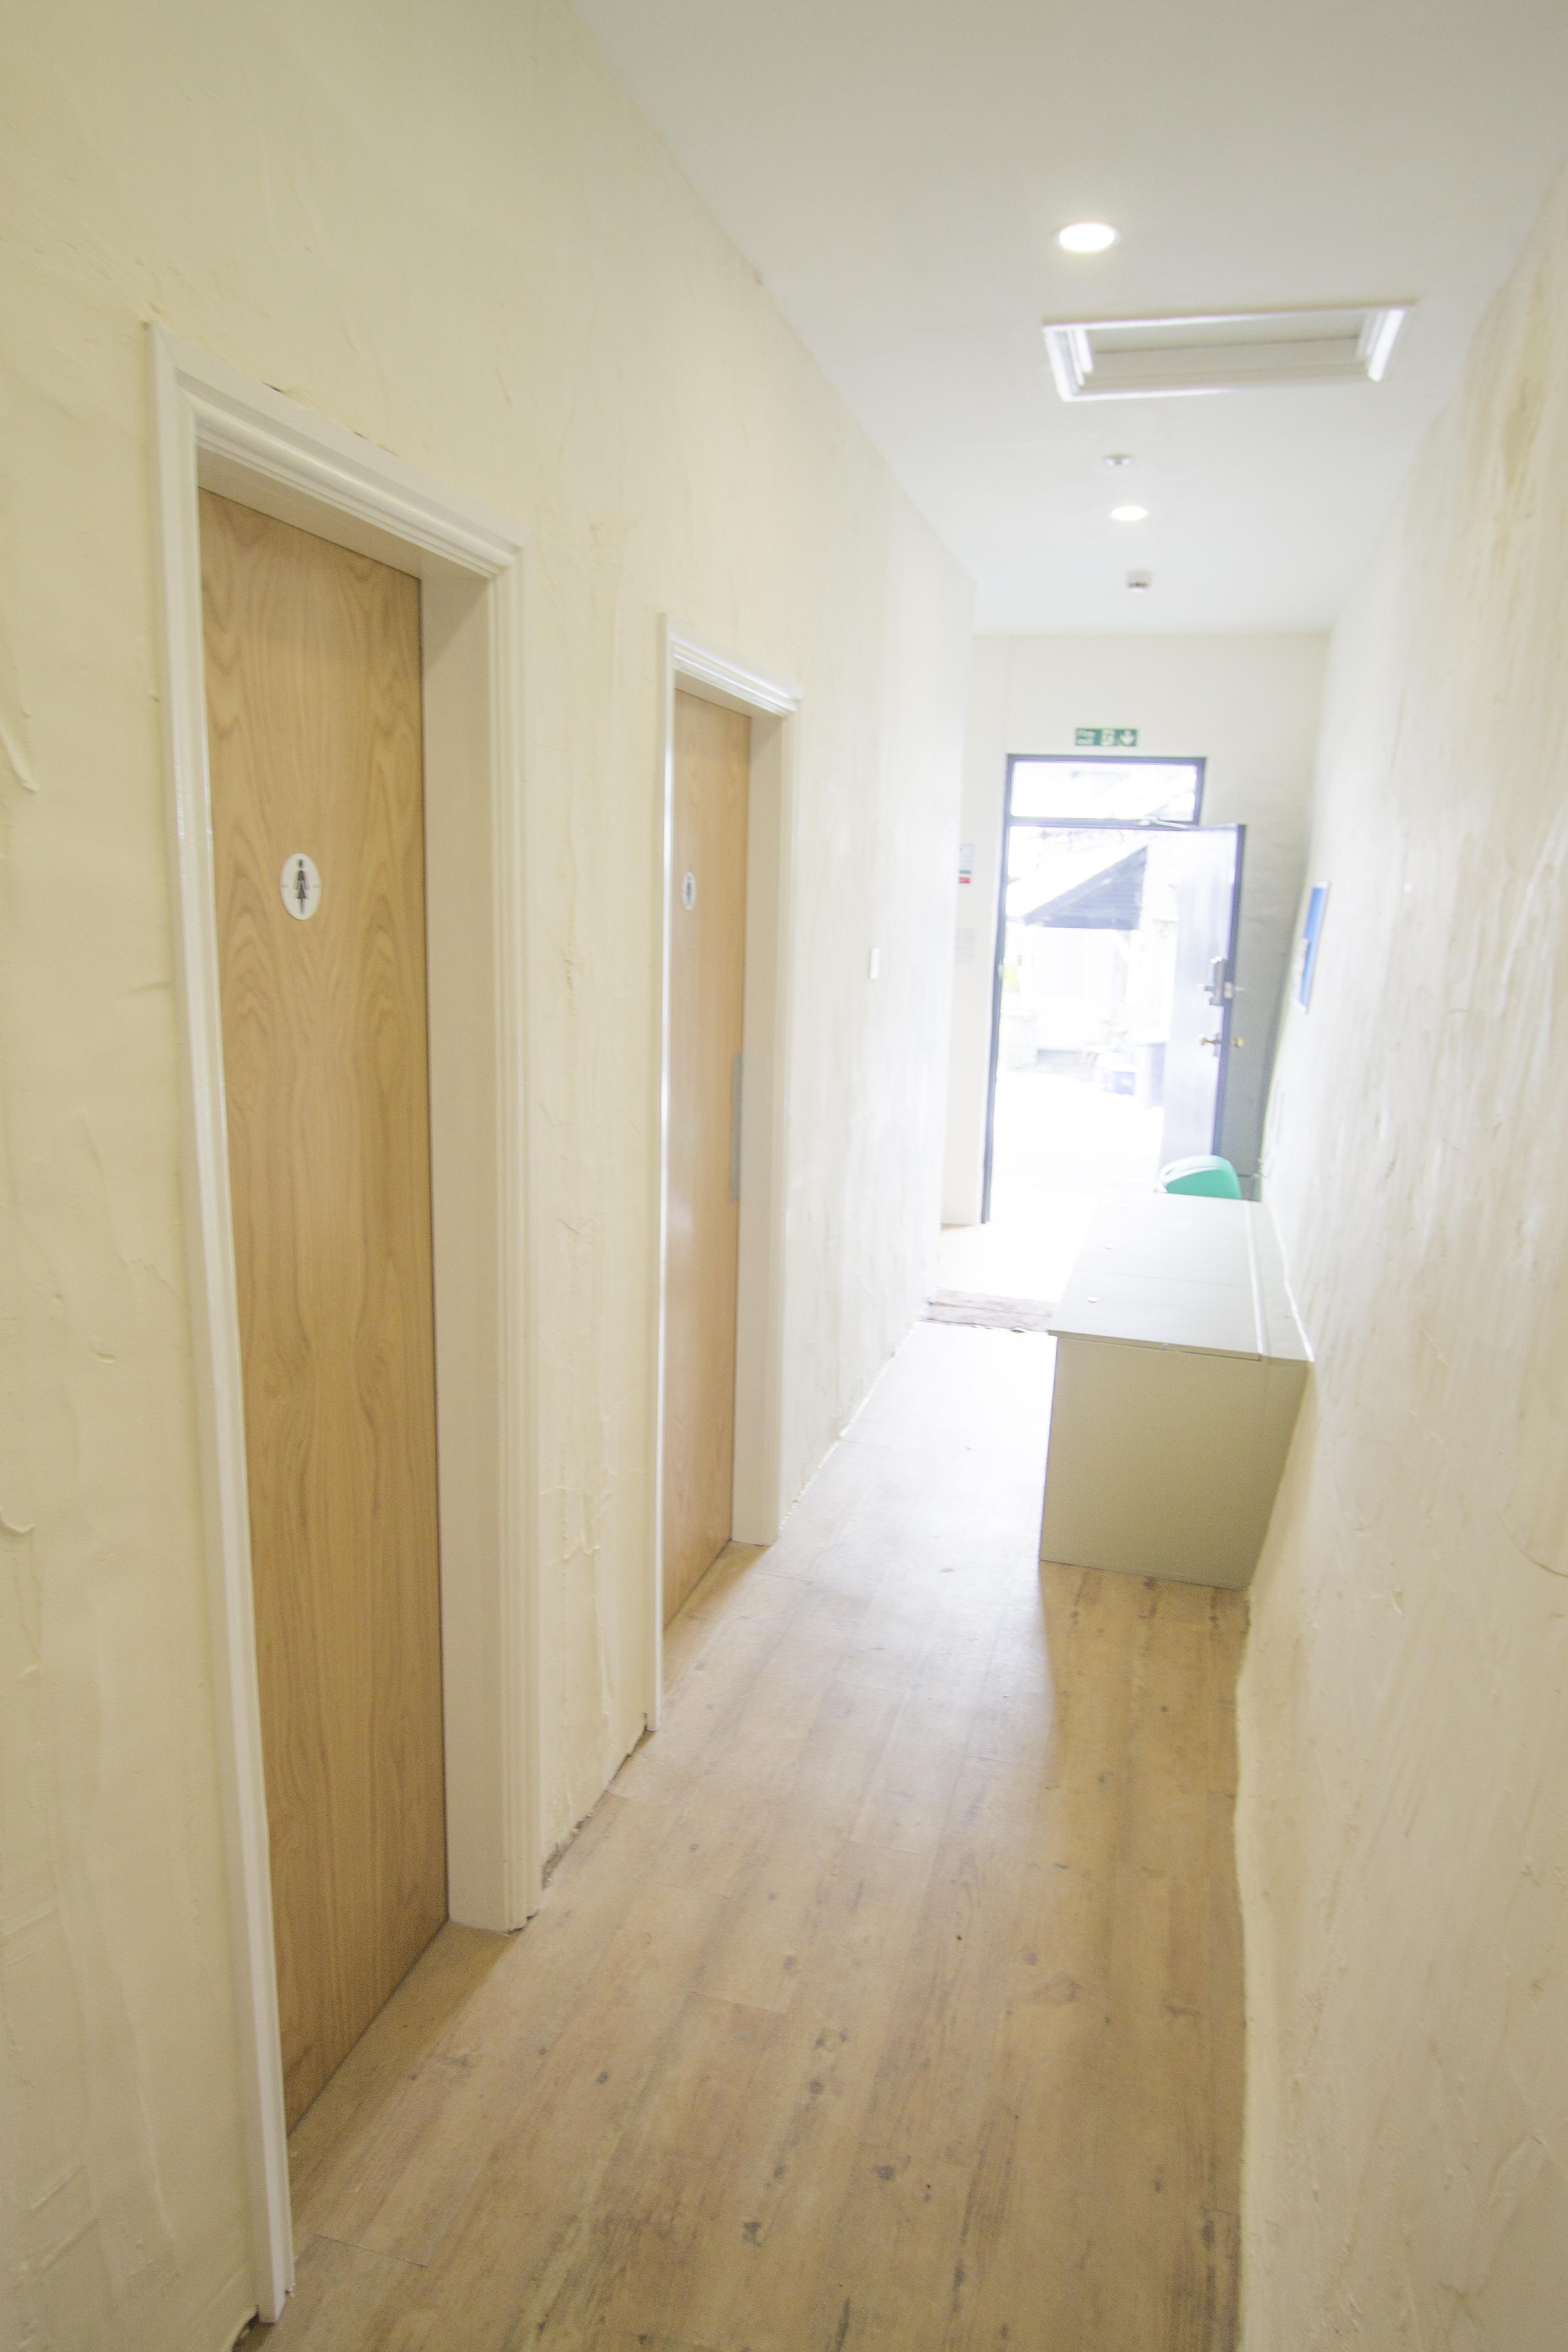 Corridor to front door